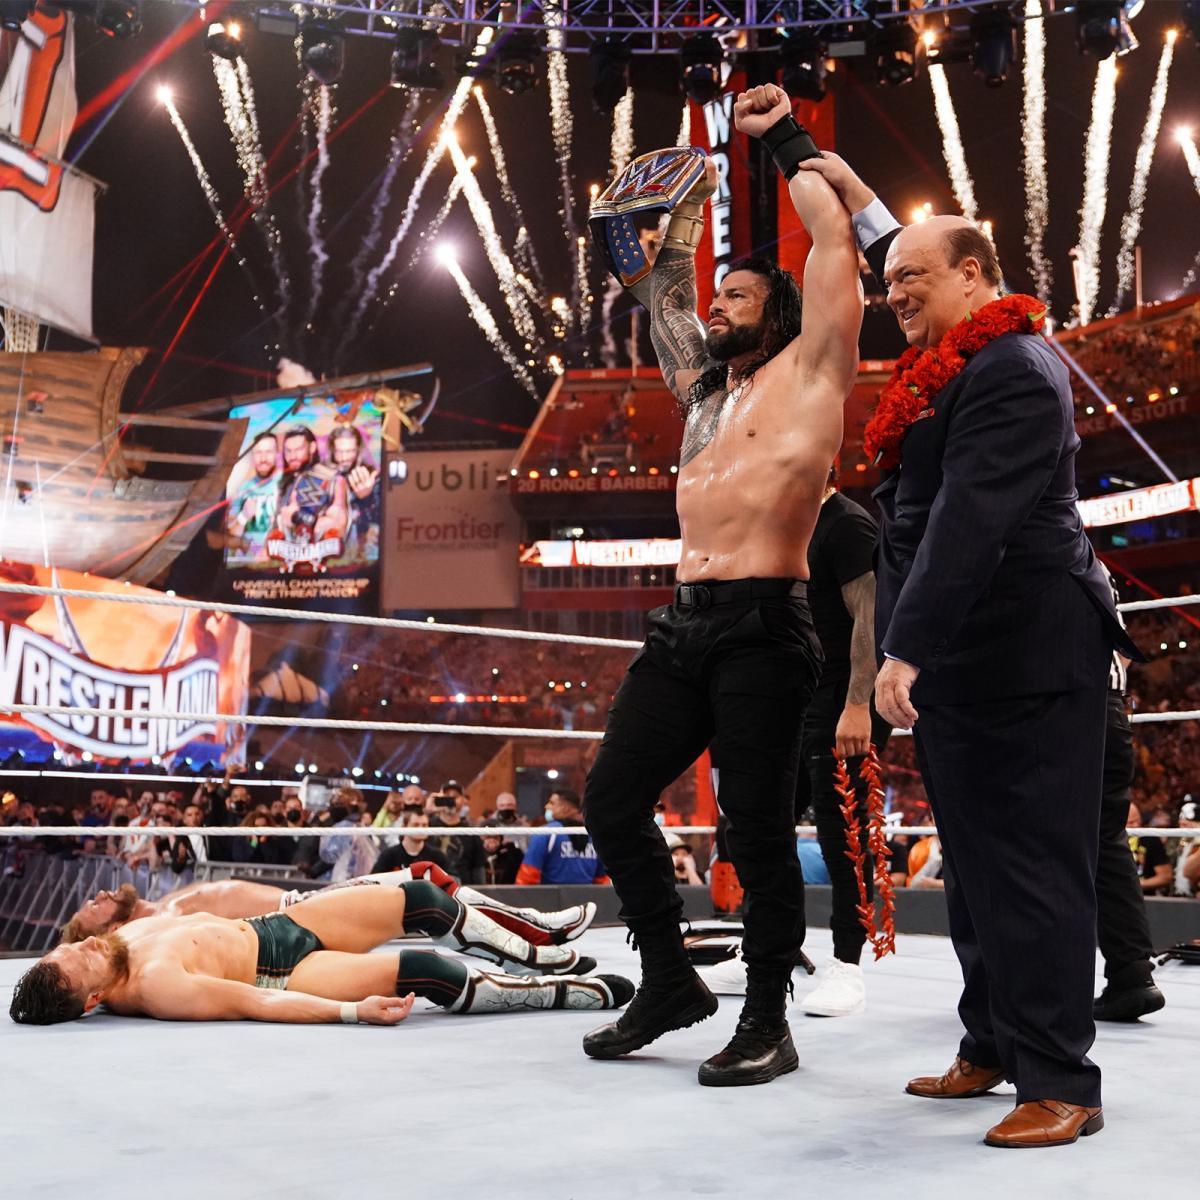 防衛成功したWWEユニバーサル王座ベルトを掲げるレインズ(右から2番目)。左端はポール・ヘイマン(C)2021 WWE, Inc. All Rights Reserved.